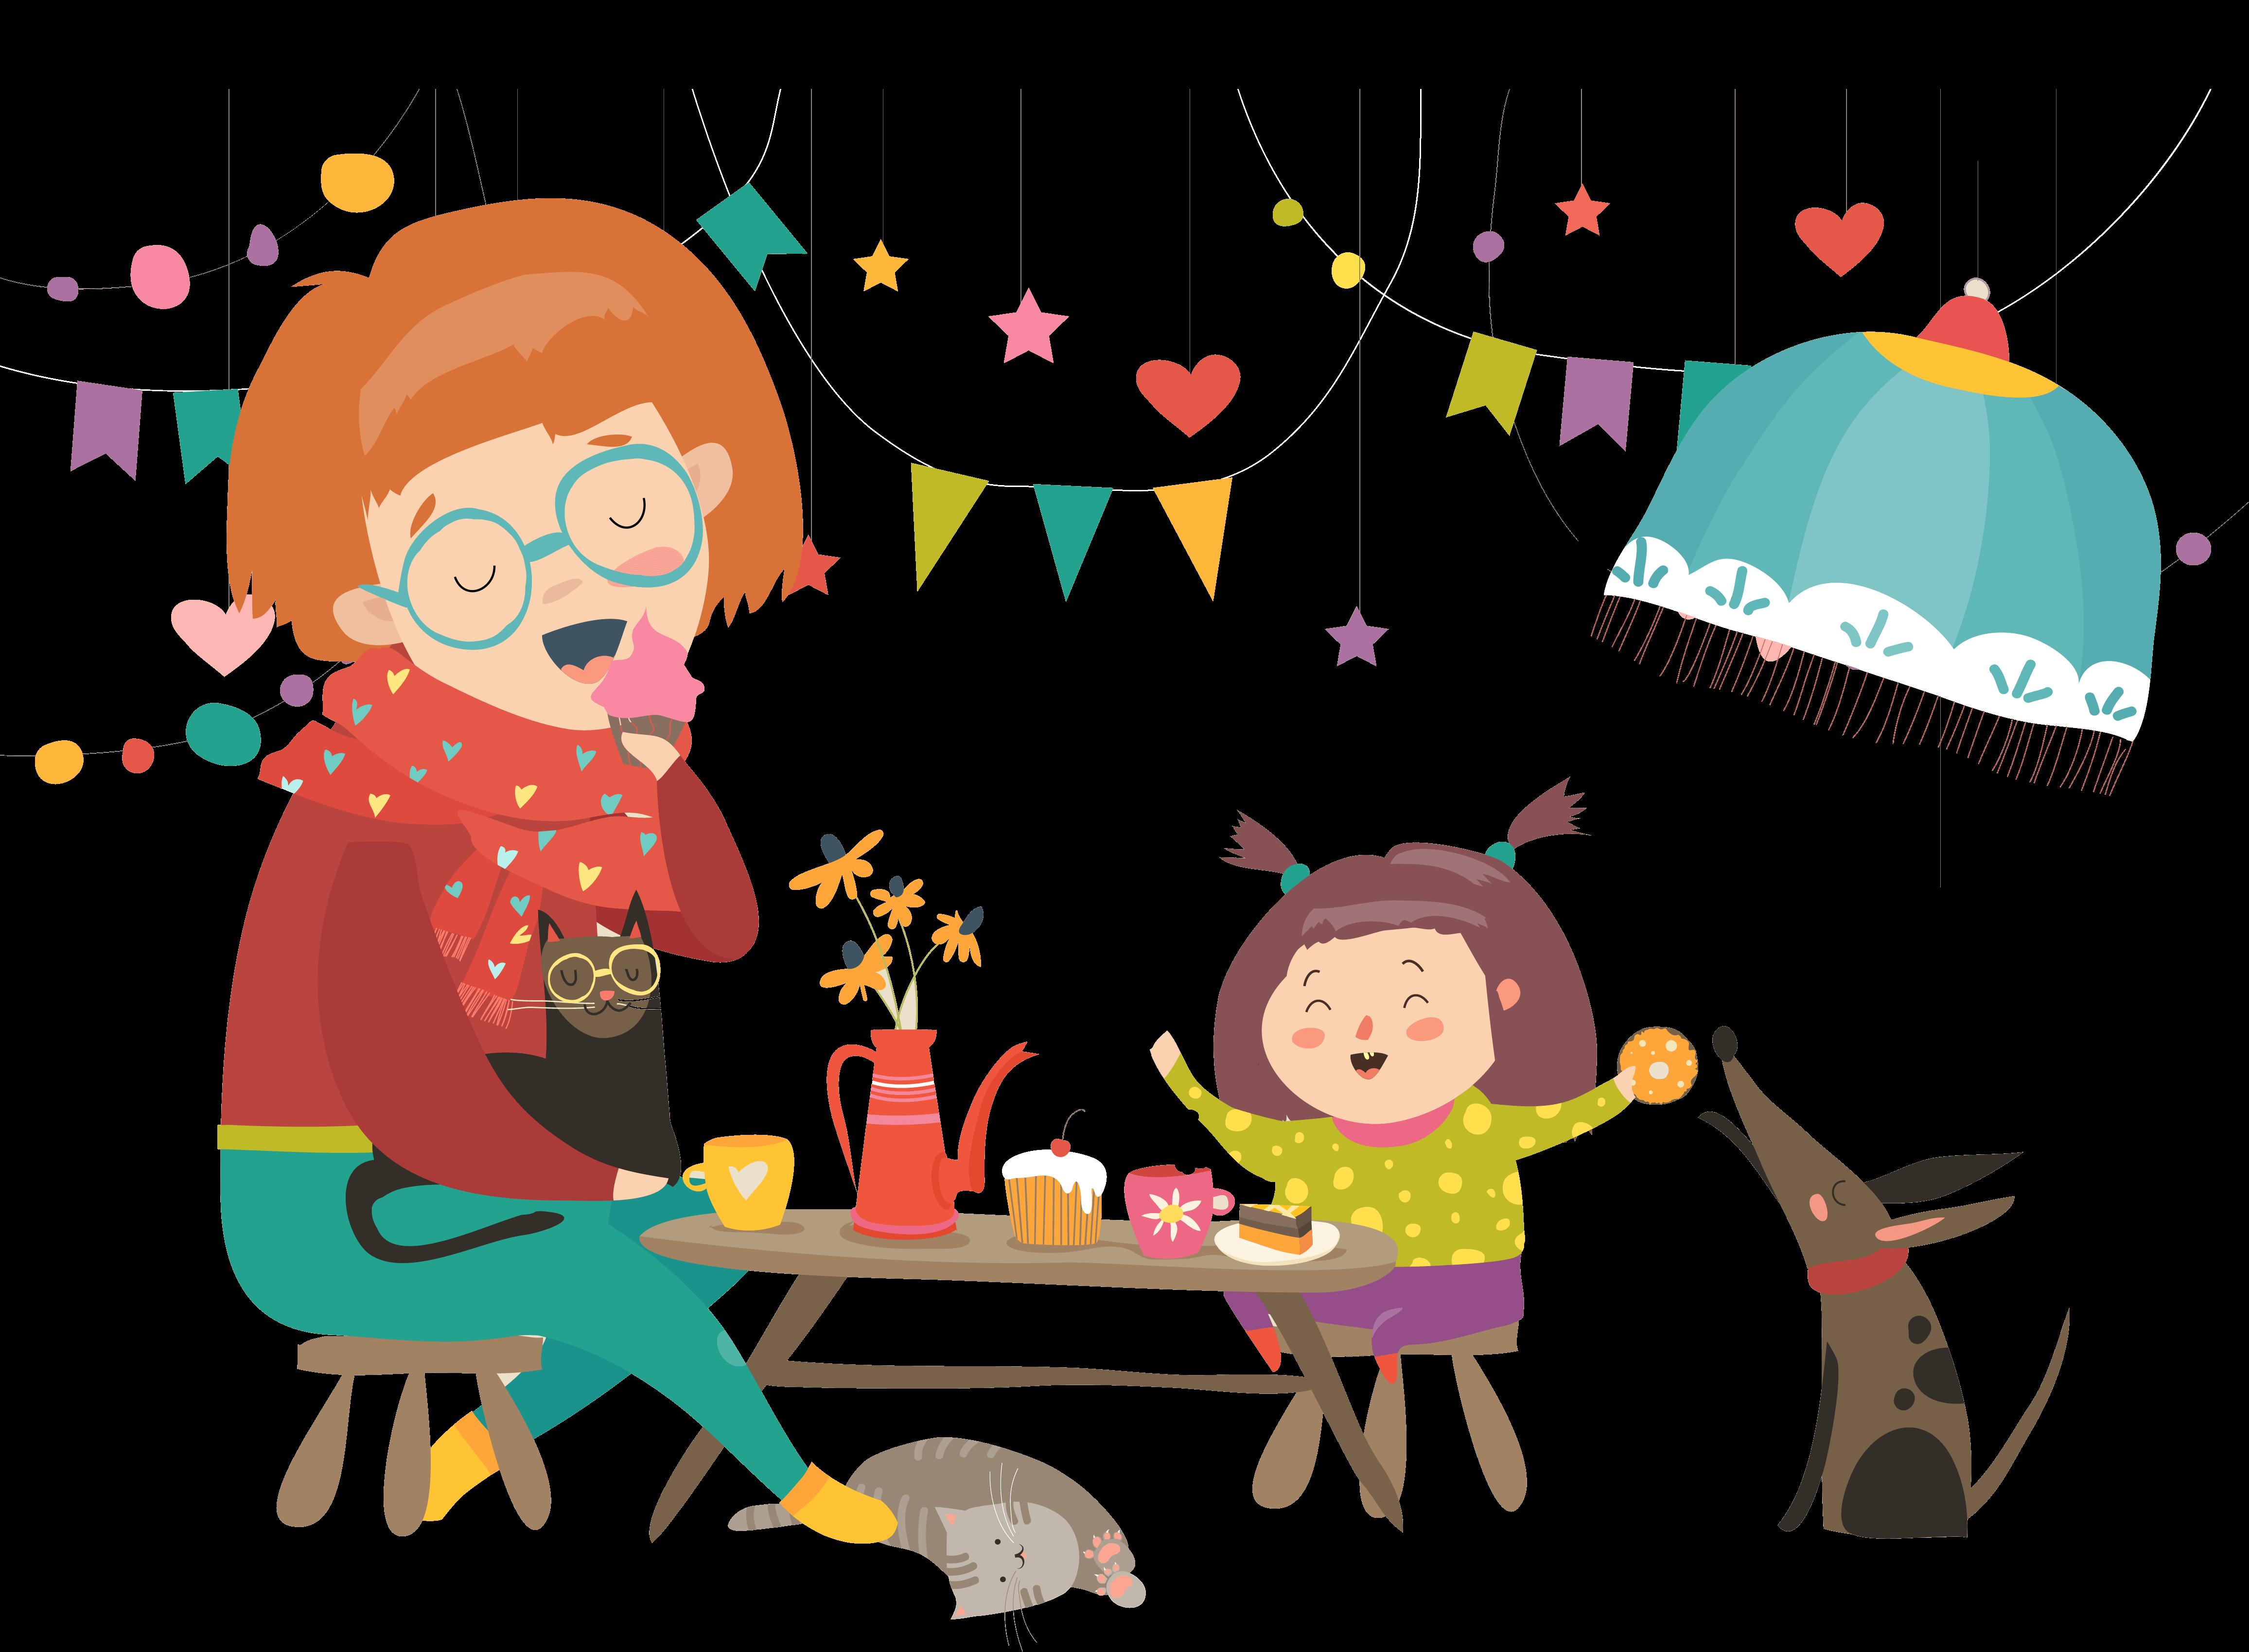 Divorce & Children - Adult and Children partying